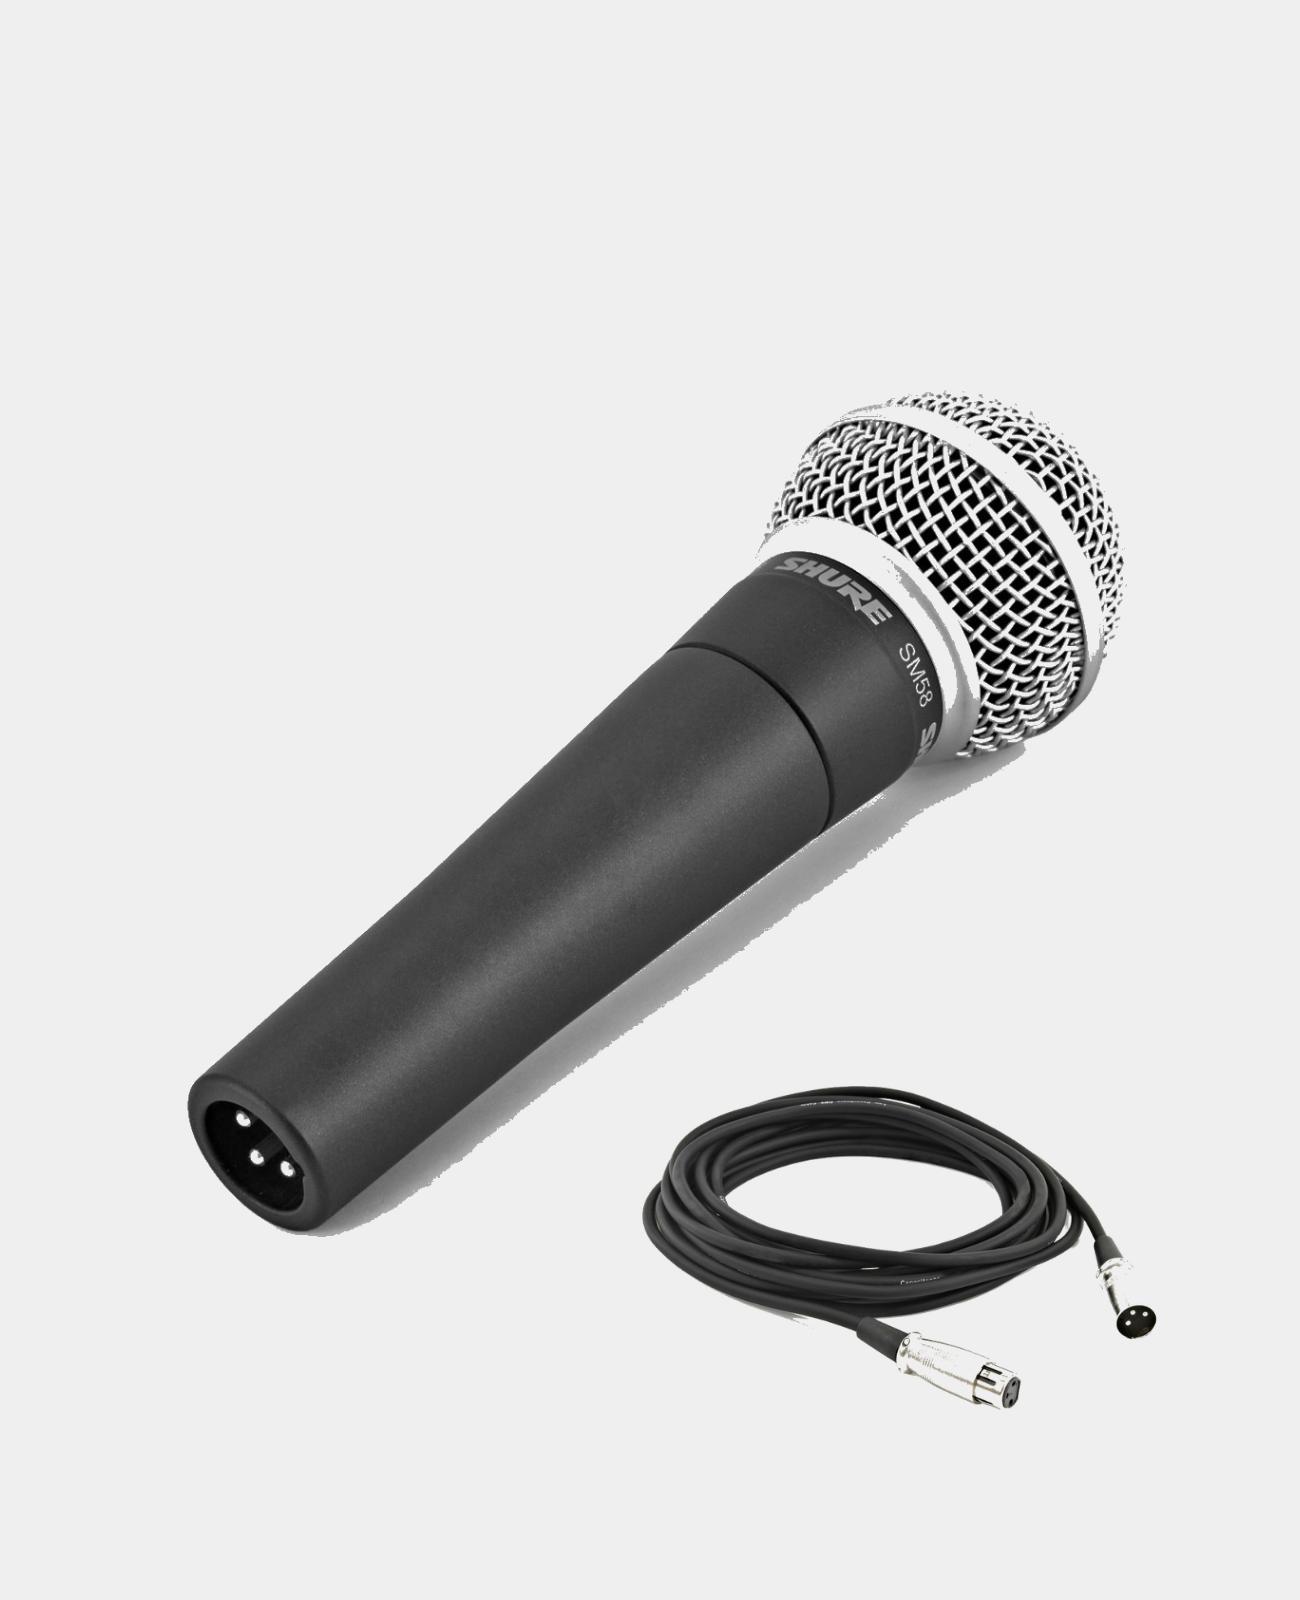 Shure Mikrofon SM58 | Scandinavianphoto.no